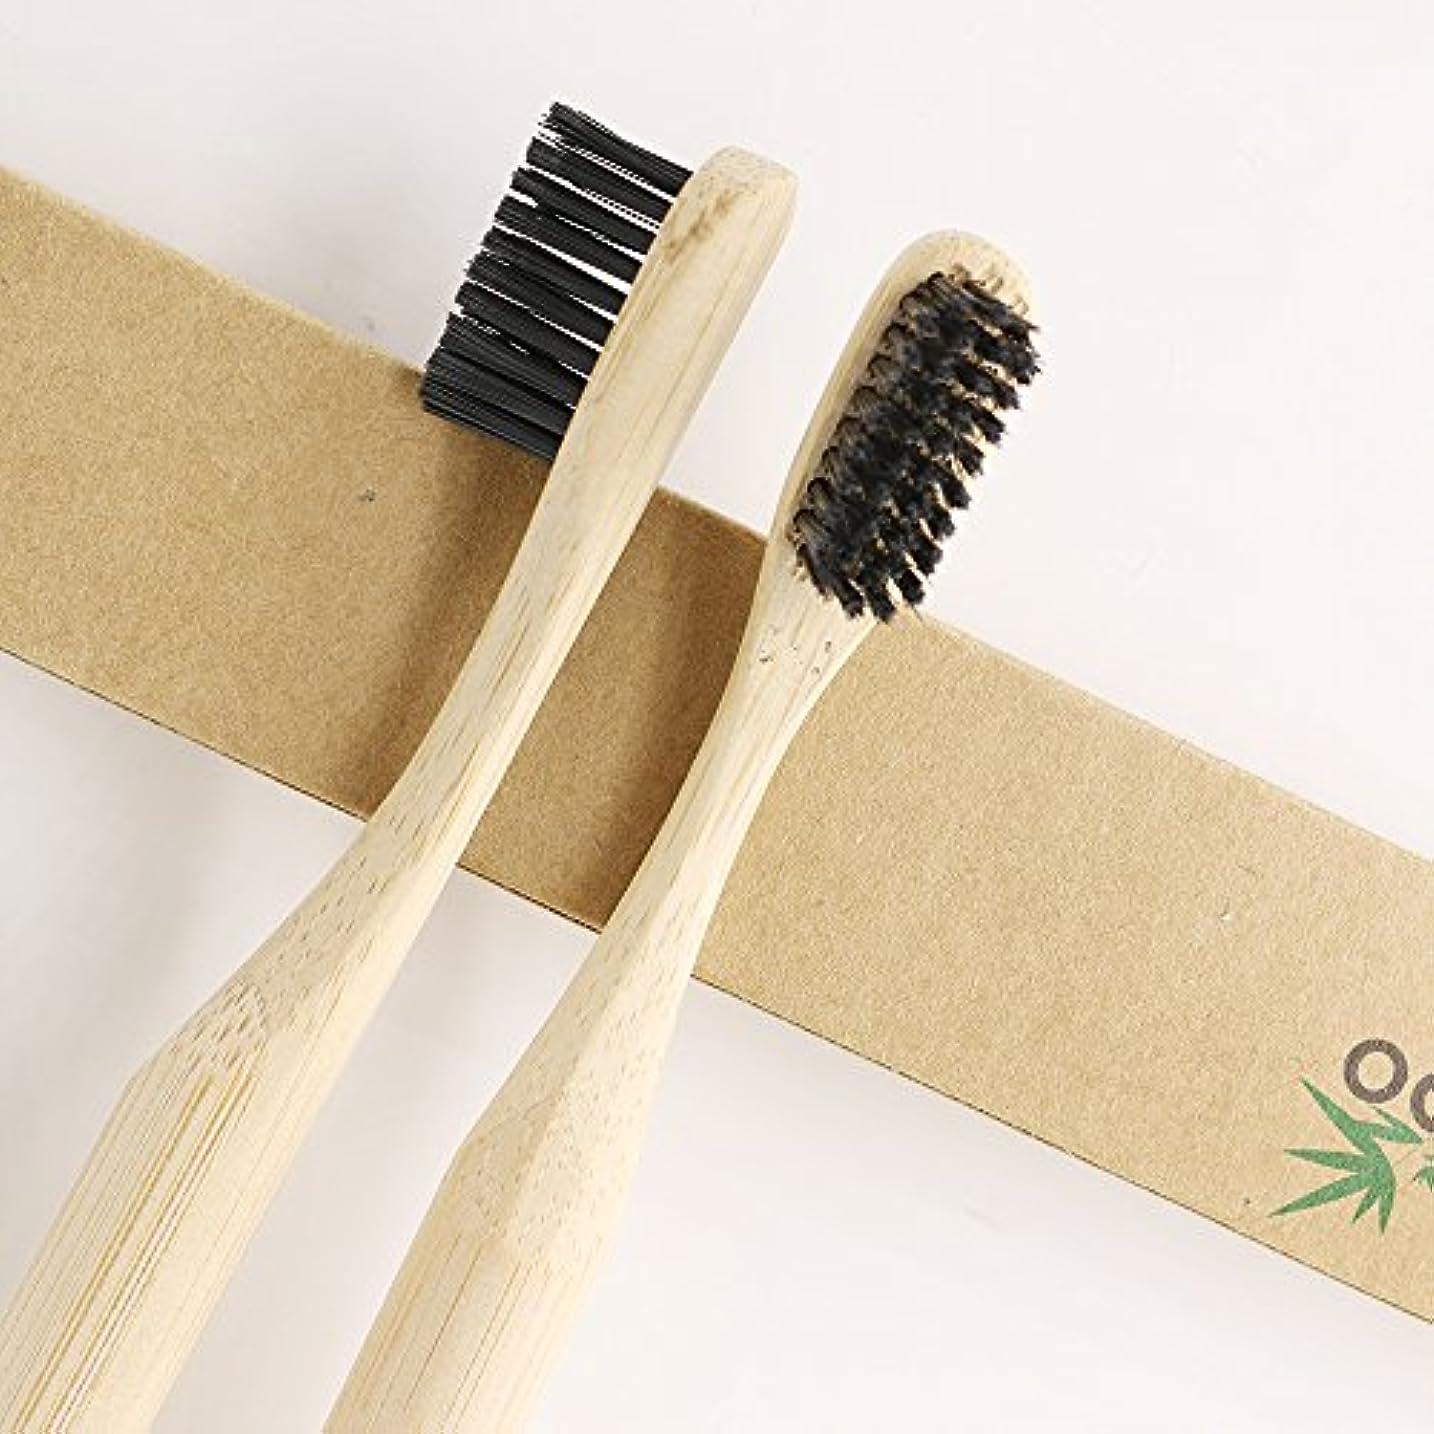 リネン誠意歯車N-amboo 竹製耐久度高い 歯ブラシ  2本入り セット 黒い